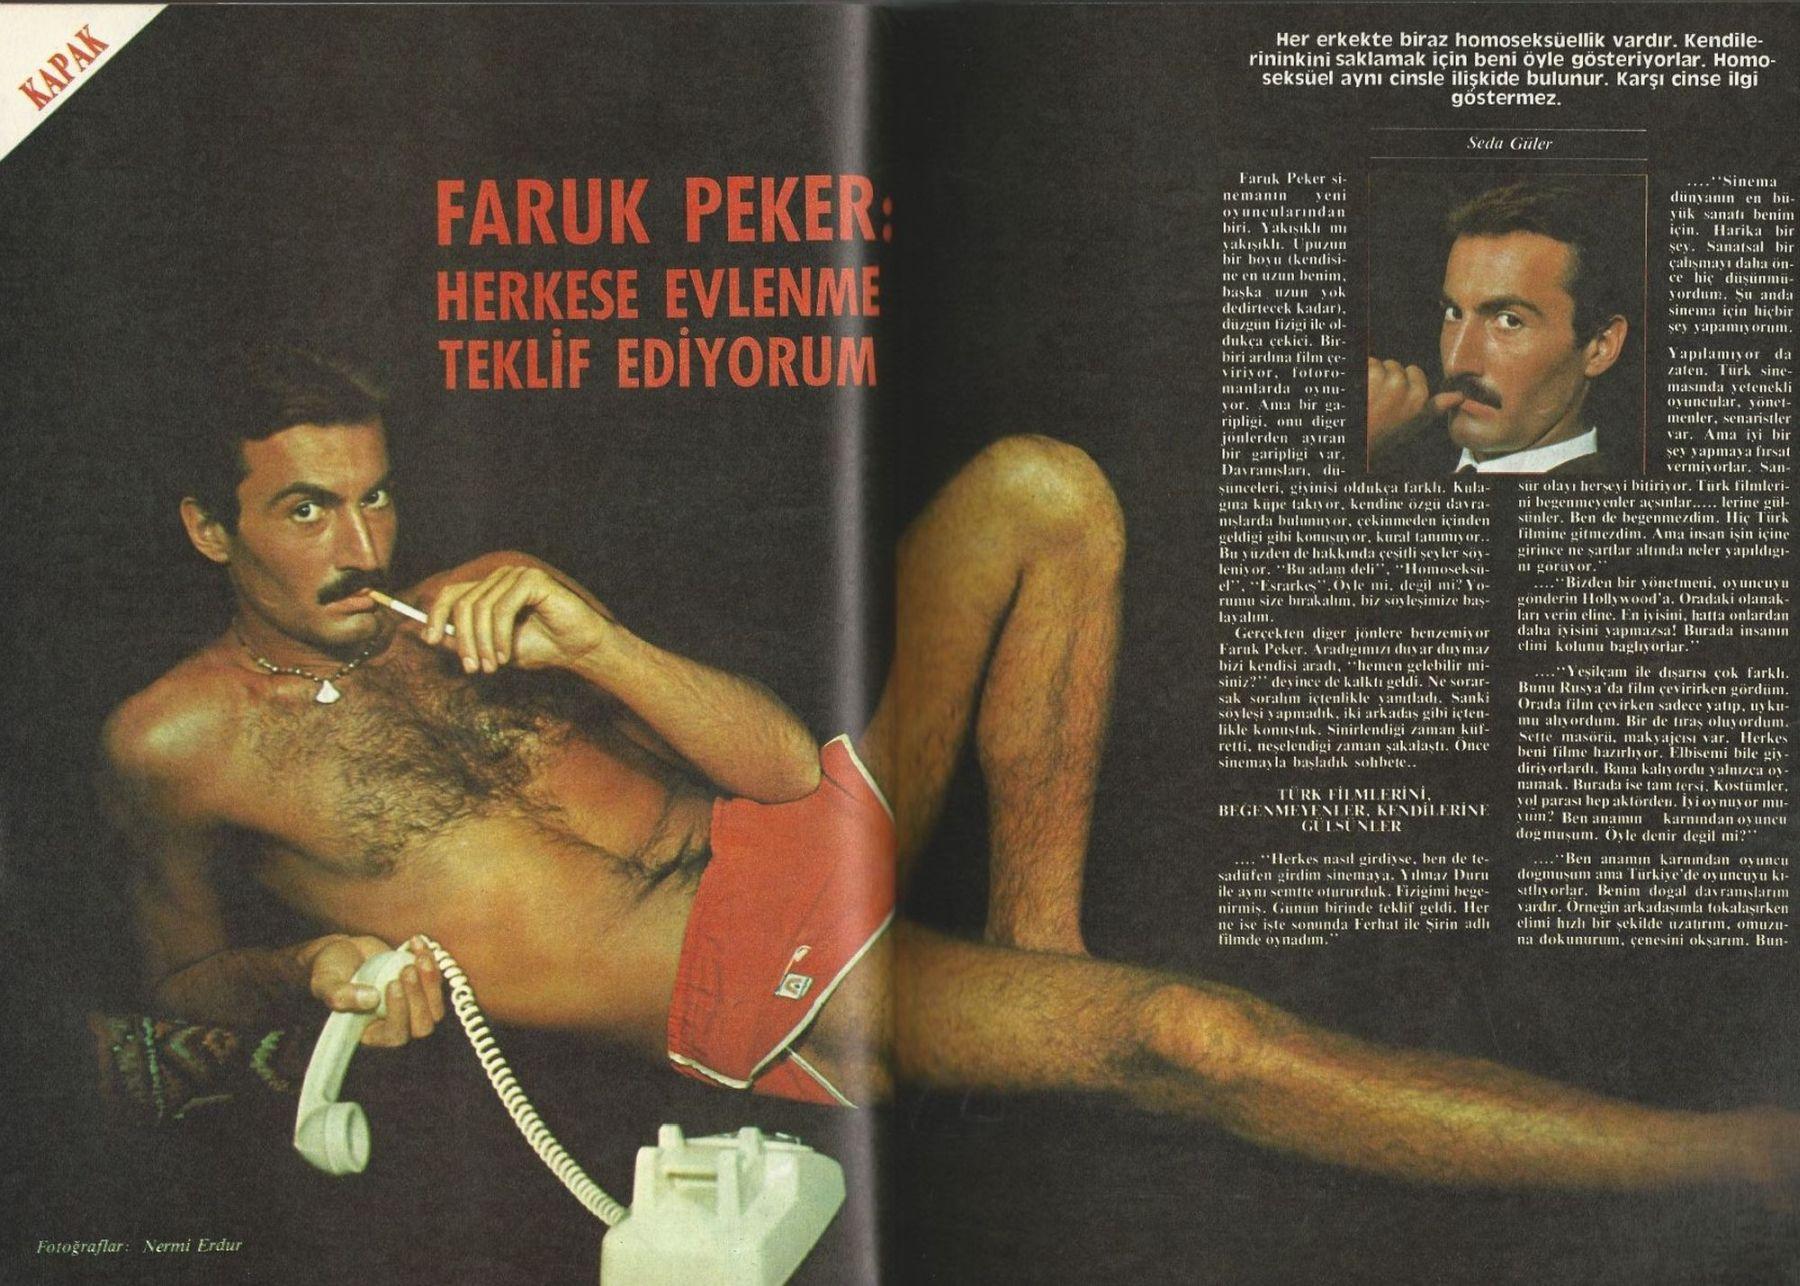 faruk-peker-herkese-evlenme-teklifi-ediyorum-1983-kadinca-dergisi (4)